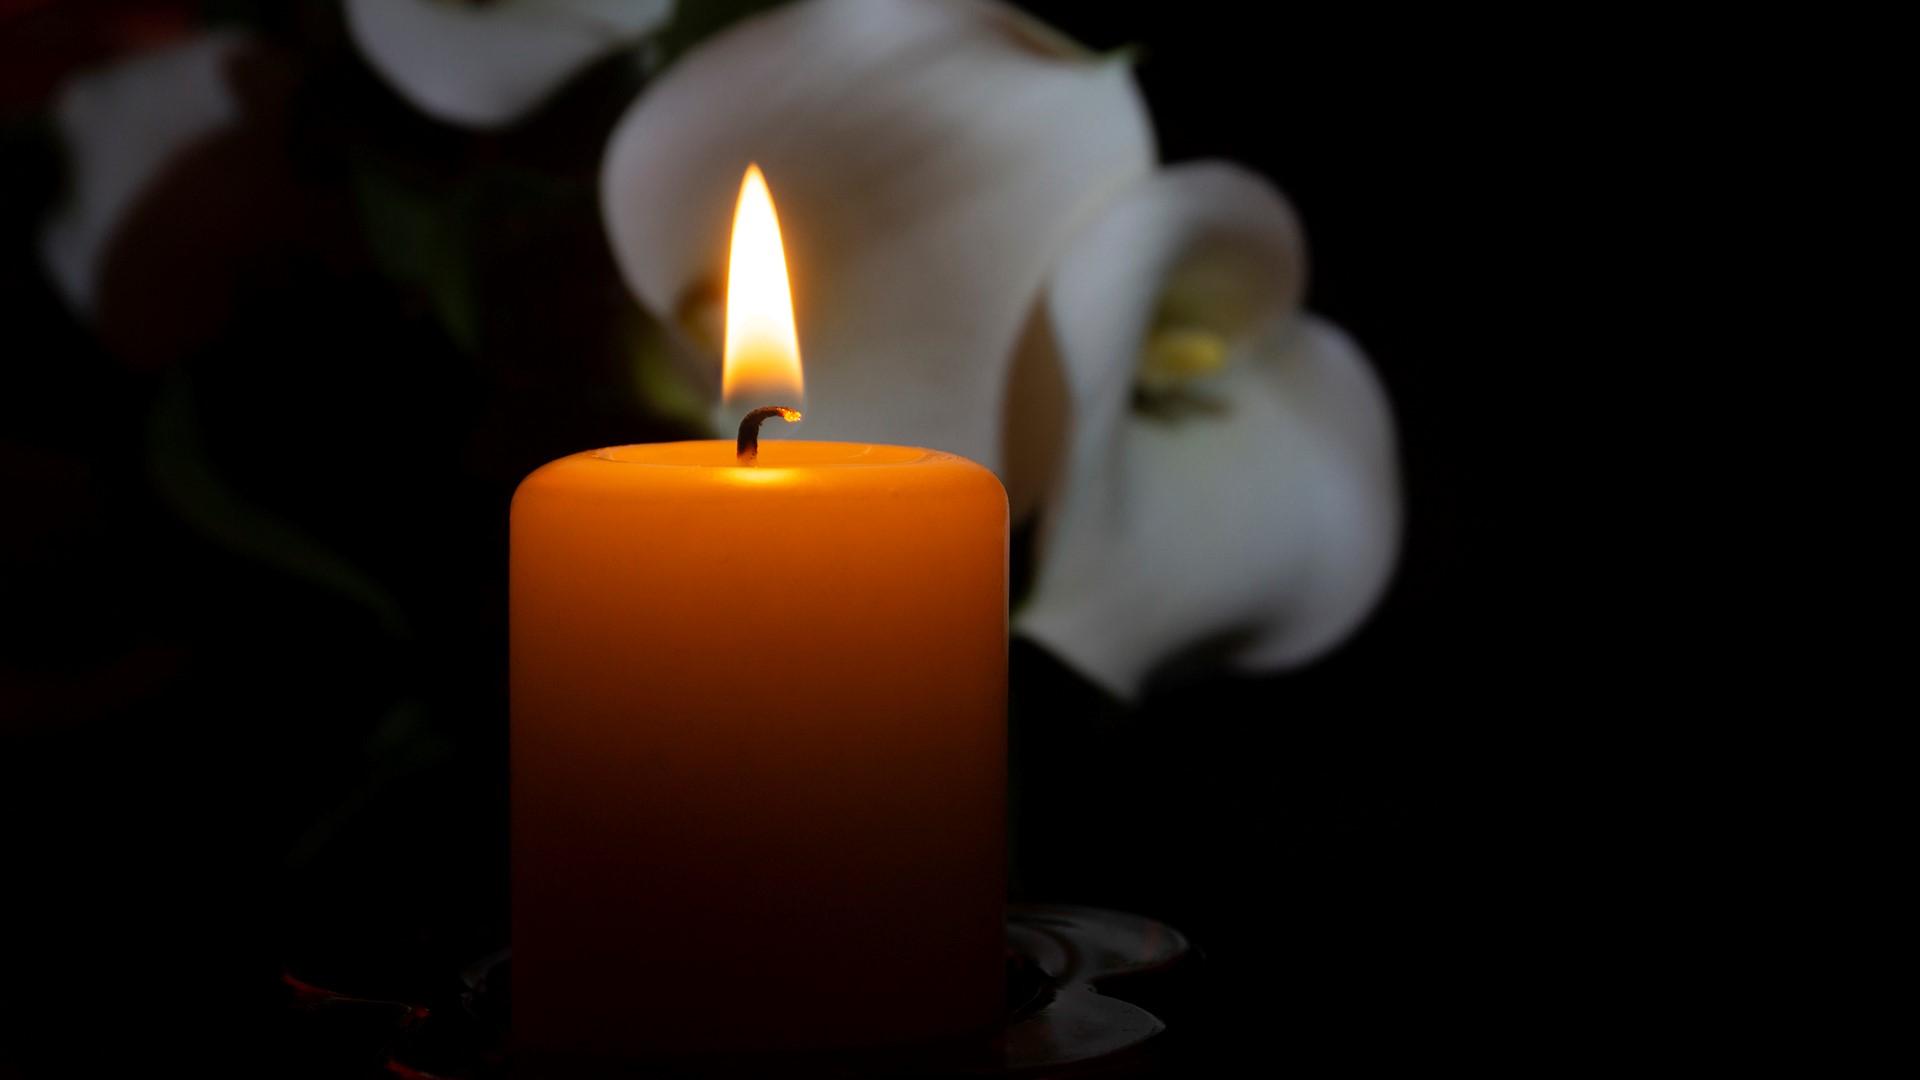 Jerry Jeff Walker Mr Bojangles Singer Dies At 78 12news Com